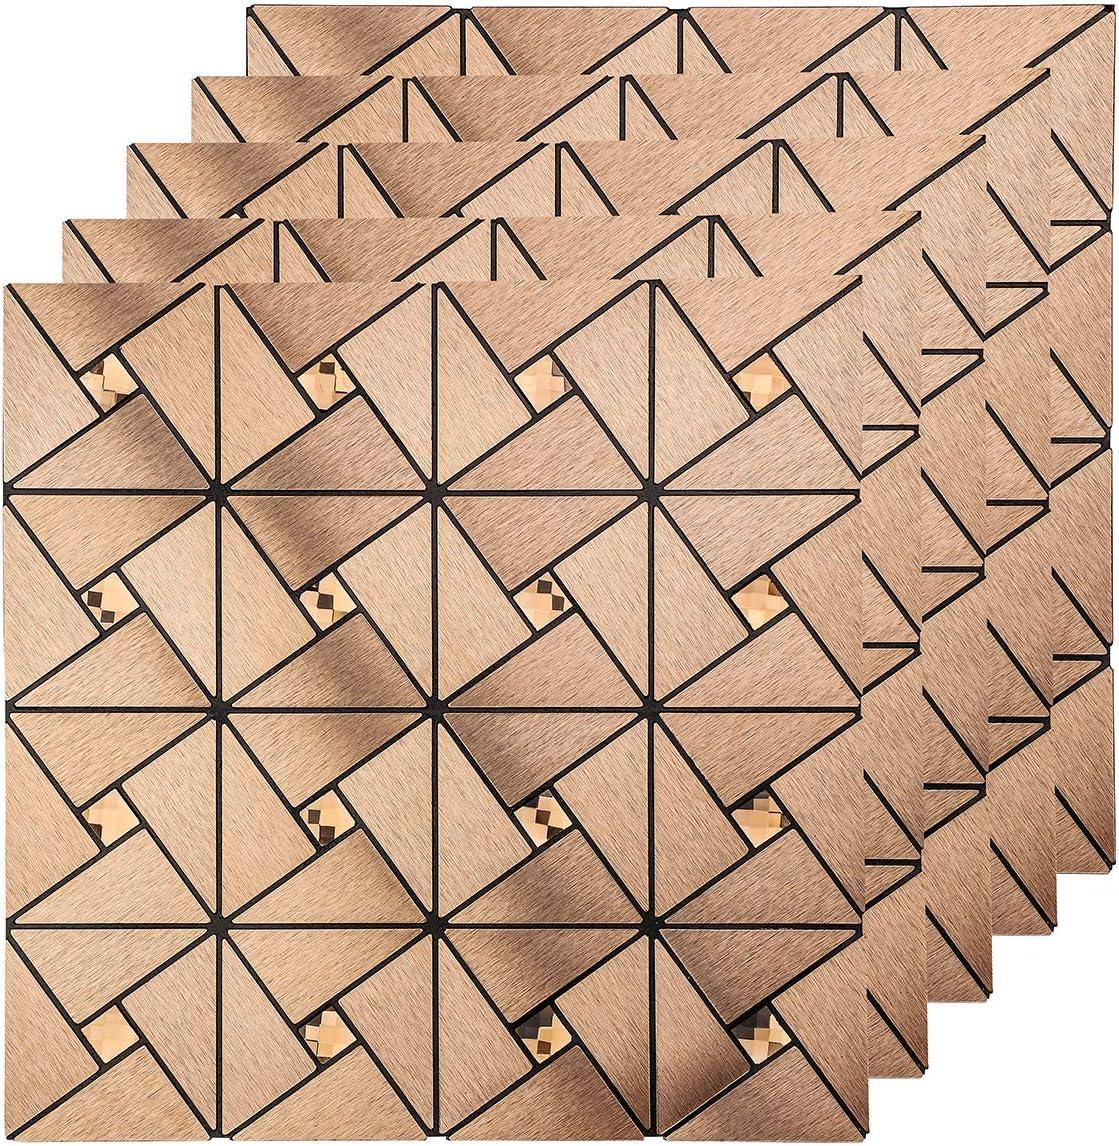 Klebefliesen Geb/ürstetes Metall-Finish 3D Wandpaneele K/üchen Badezimmer 30 x 30cm Bronze 10 St/ück LEISIME Fliesenaufkleber Tapete Selbstklebend